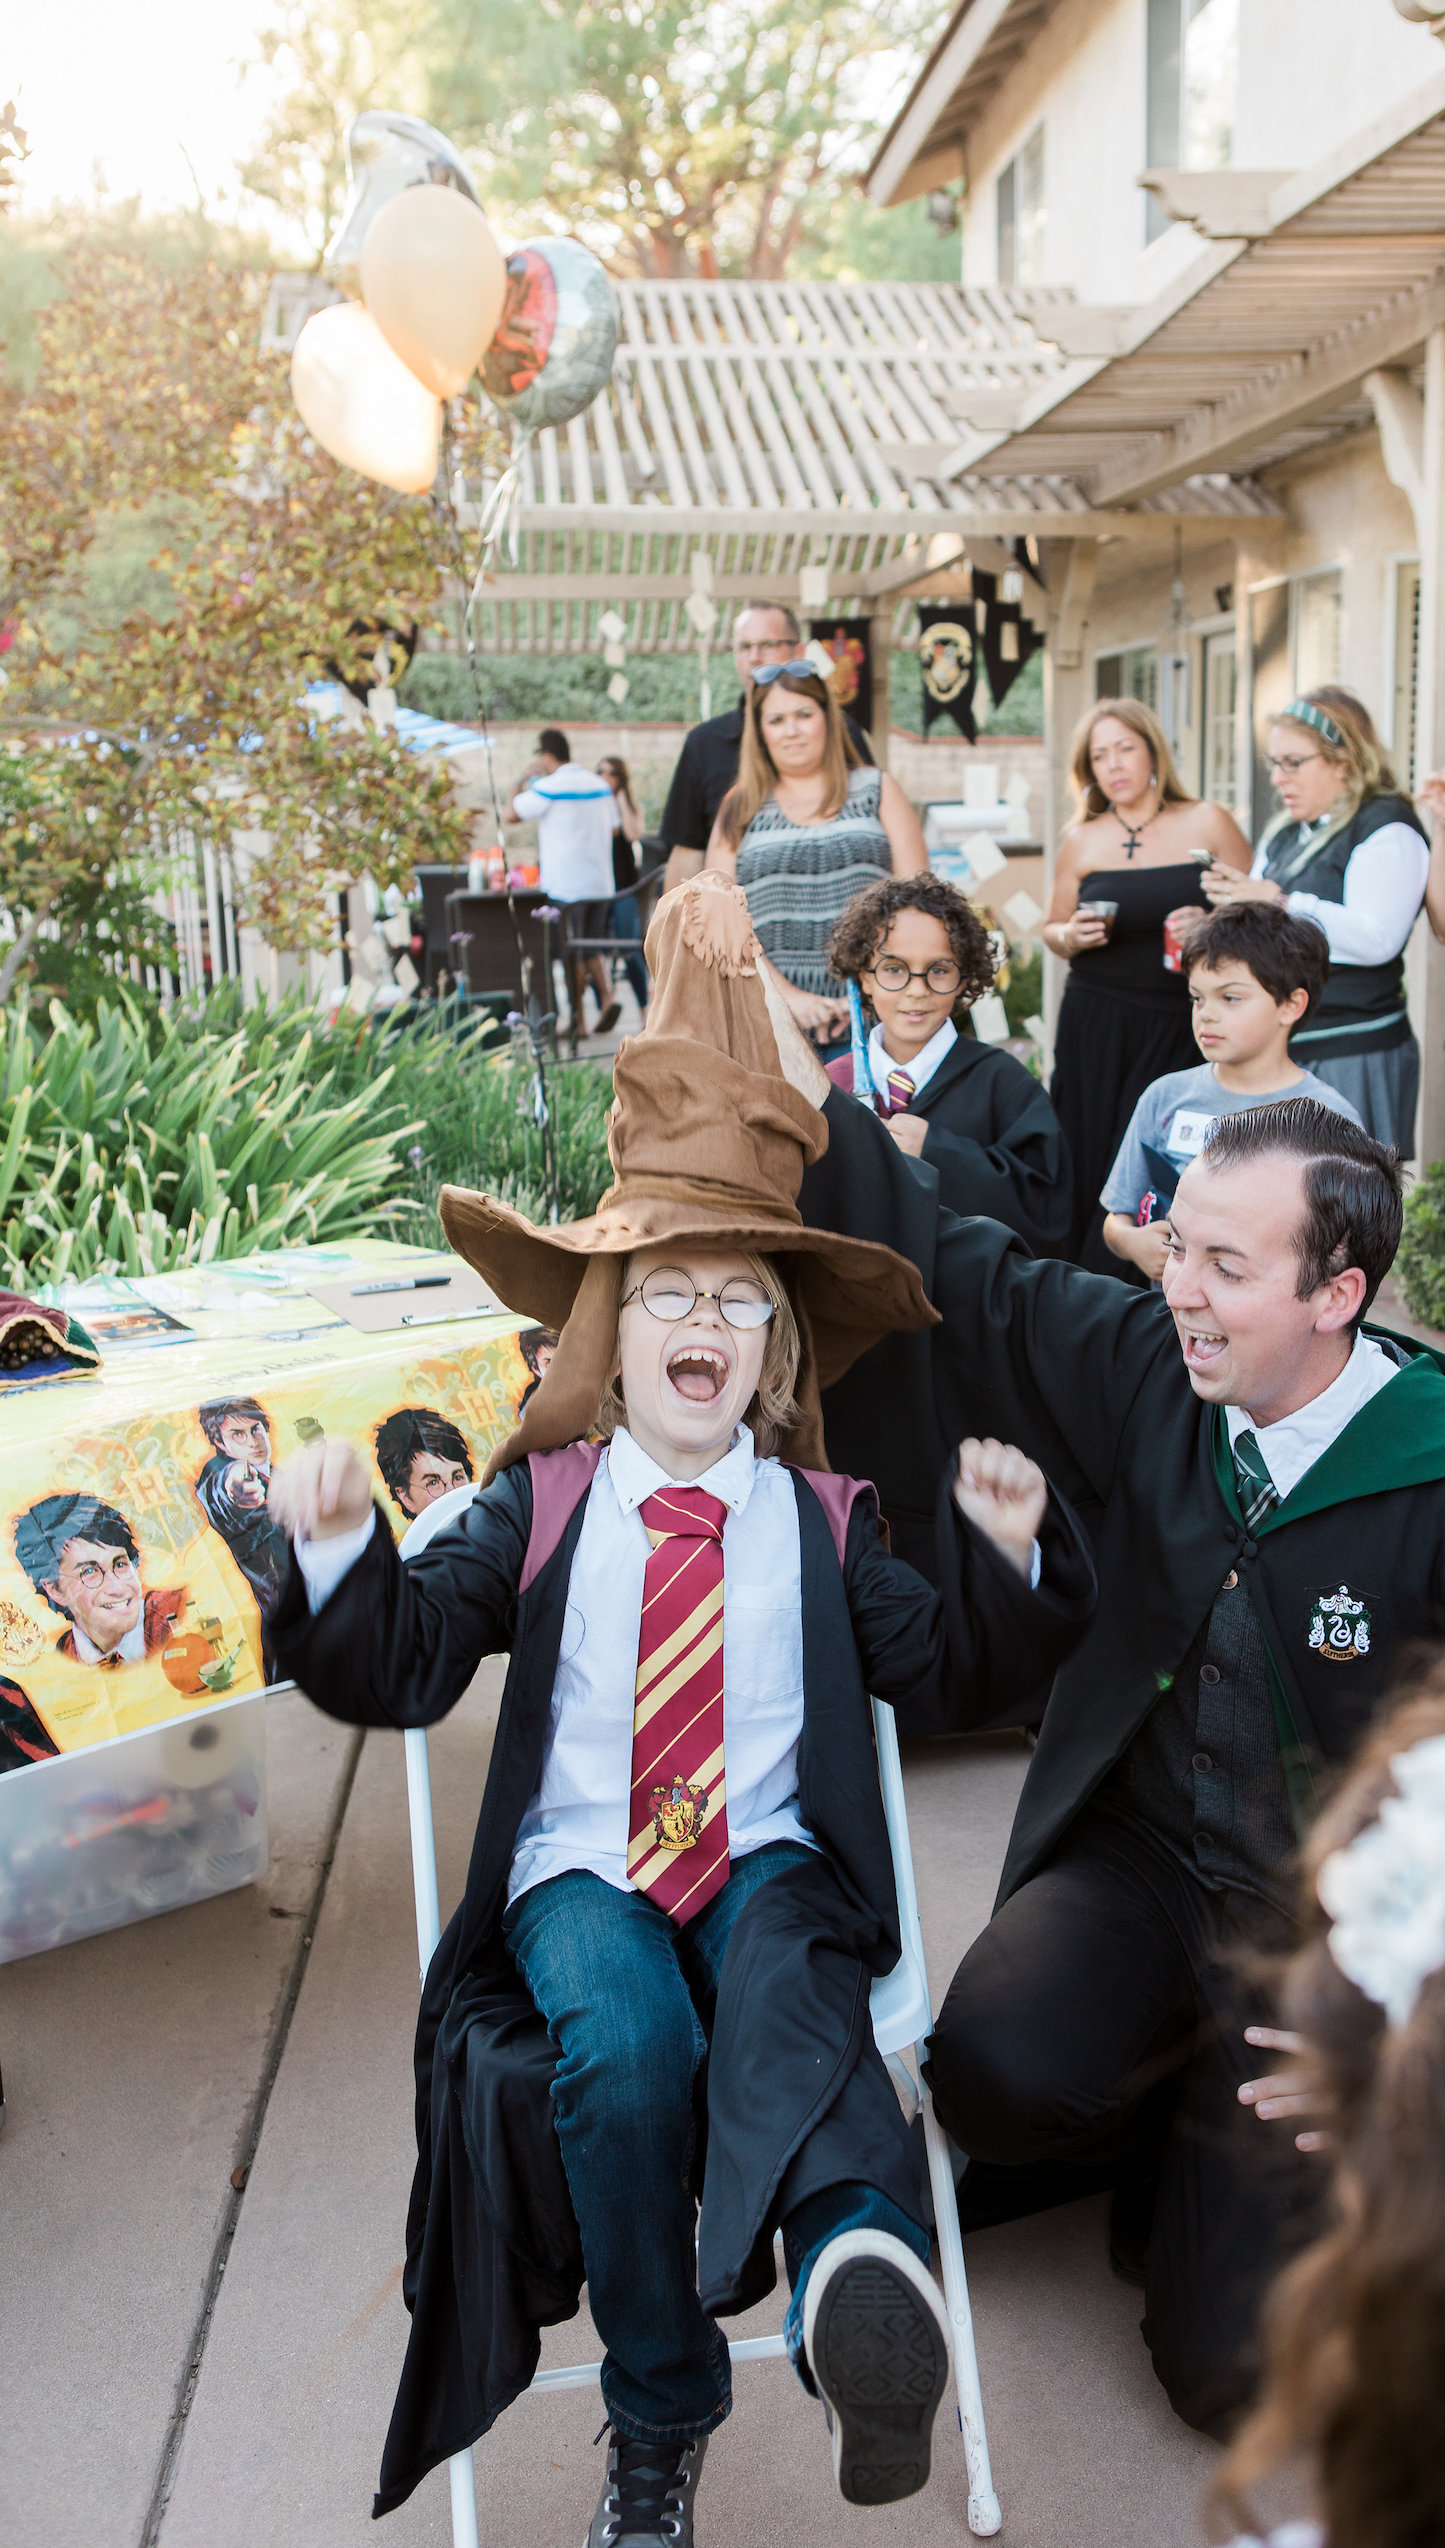 Hogwarts Sorting Ceremony